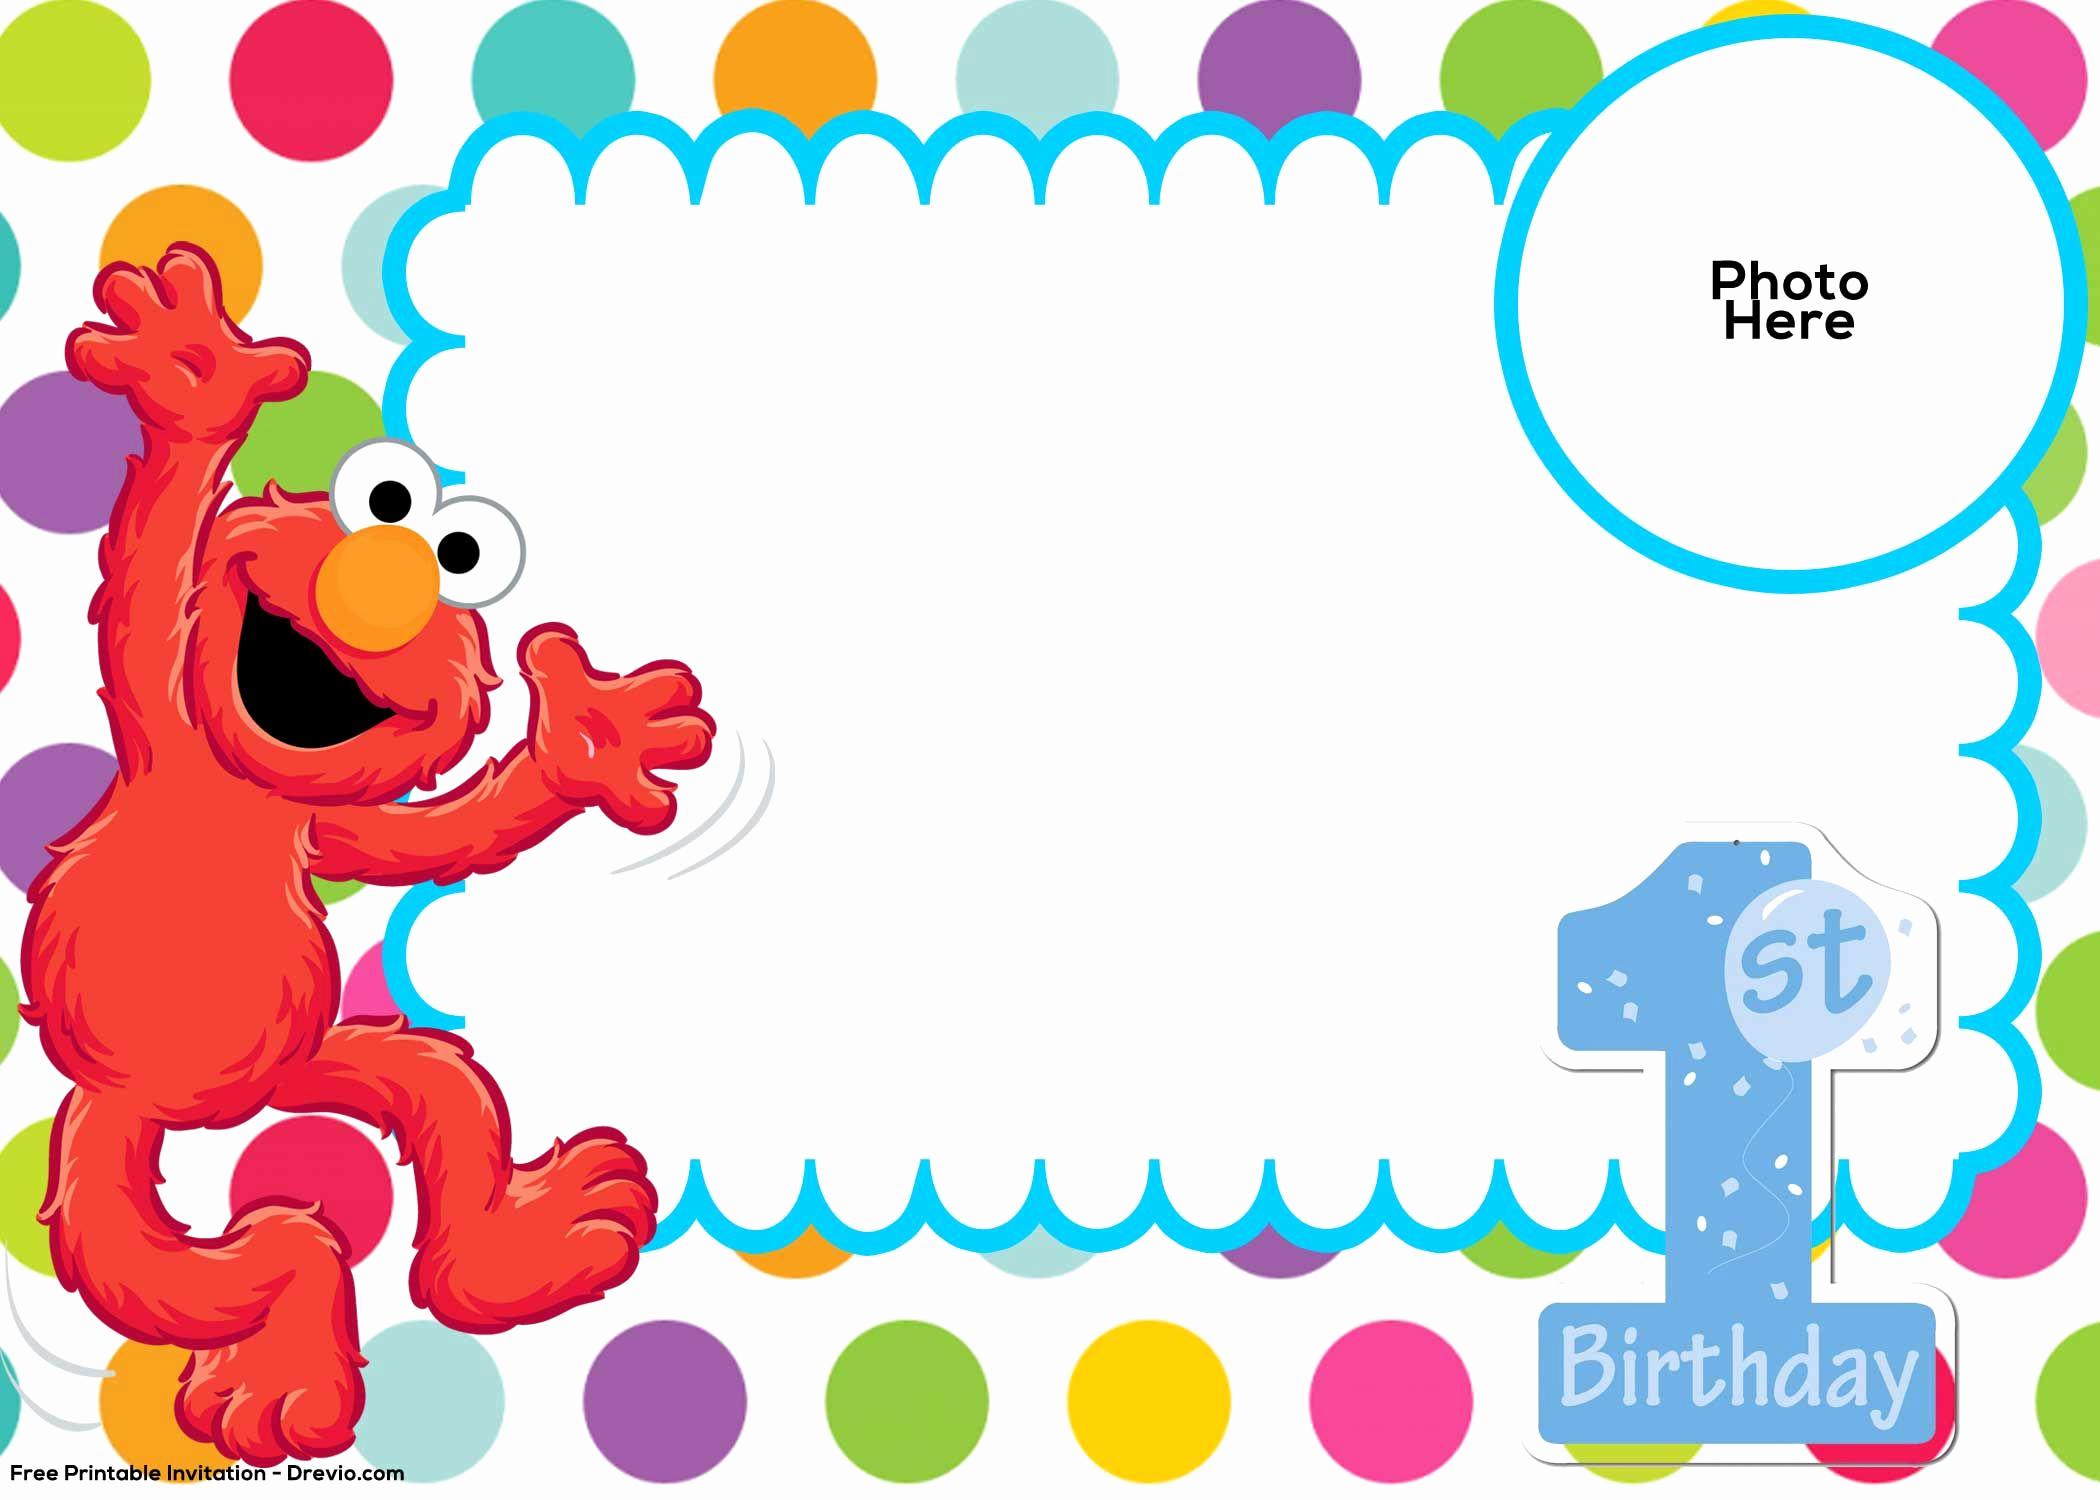 Elmo Birthday Invitation Template Unique Free Sesame Street 1st Birthday Invitation Template